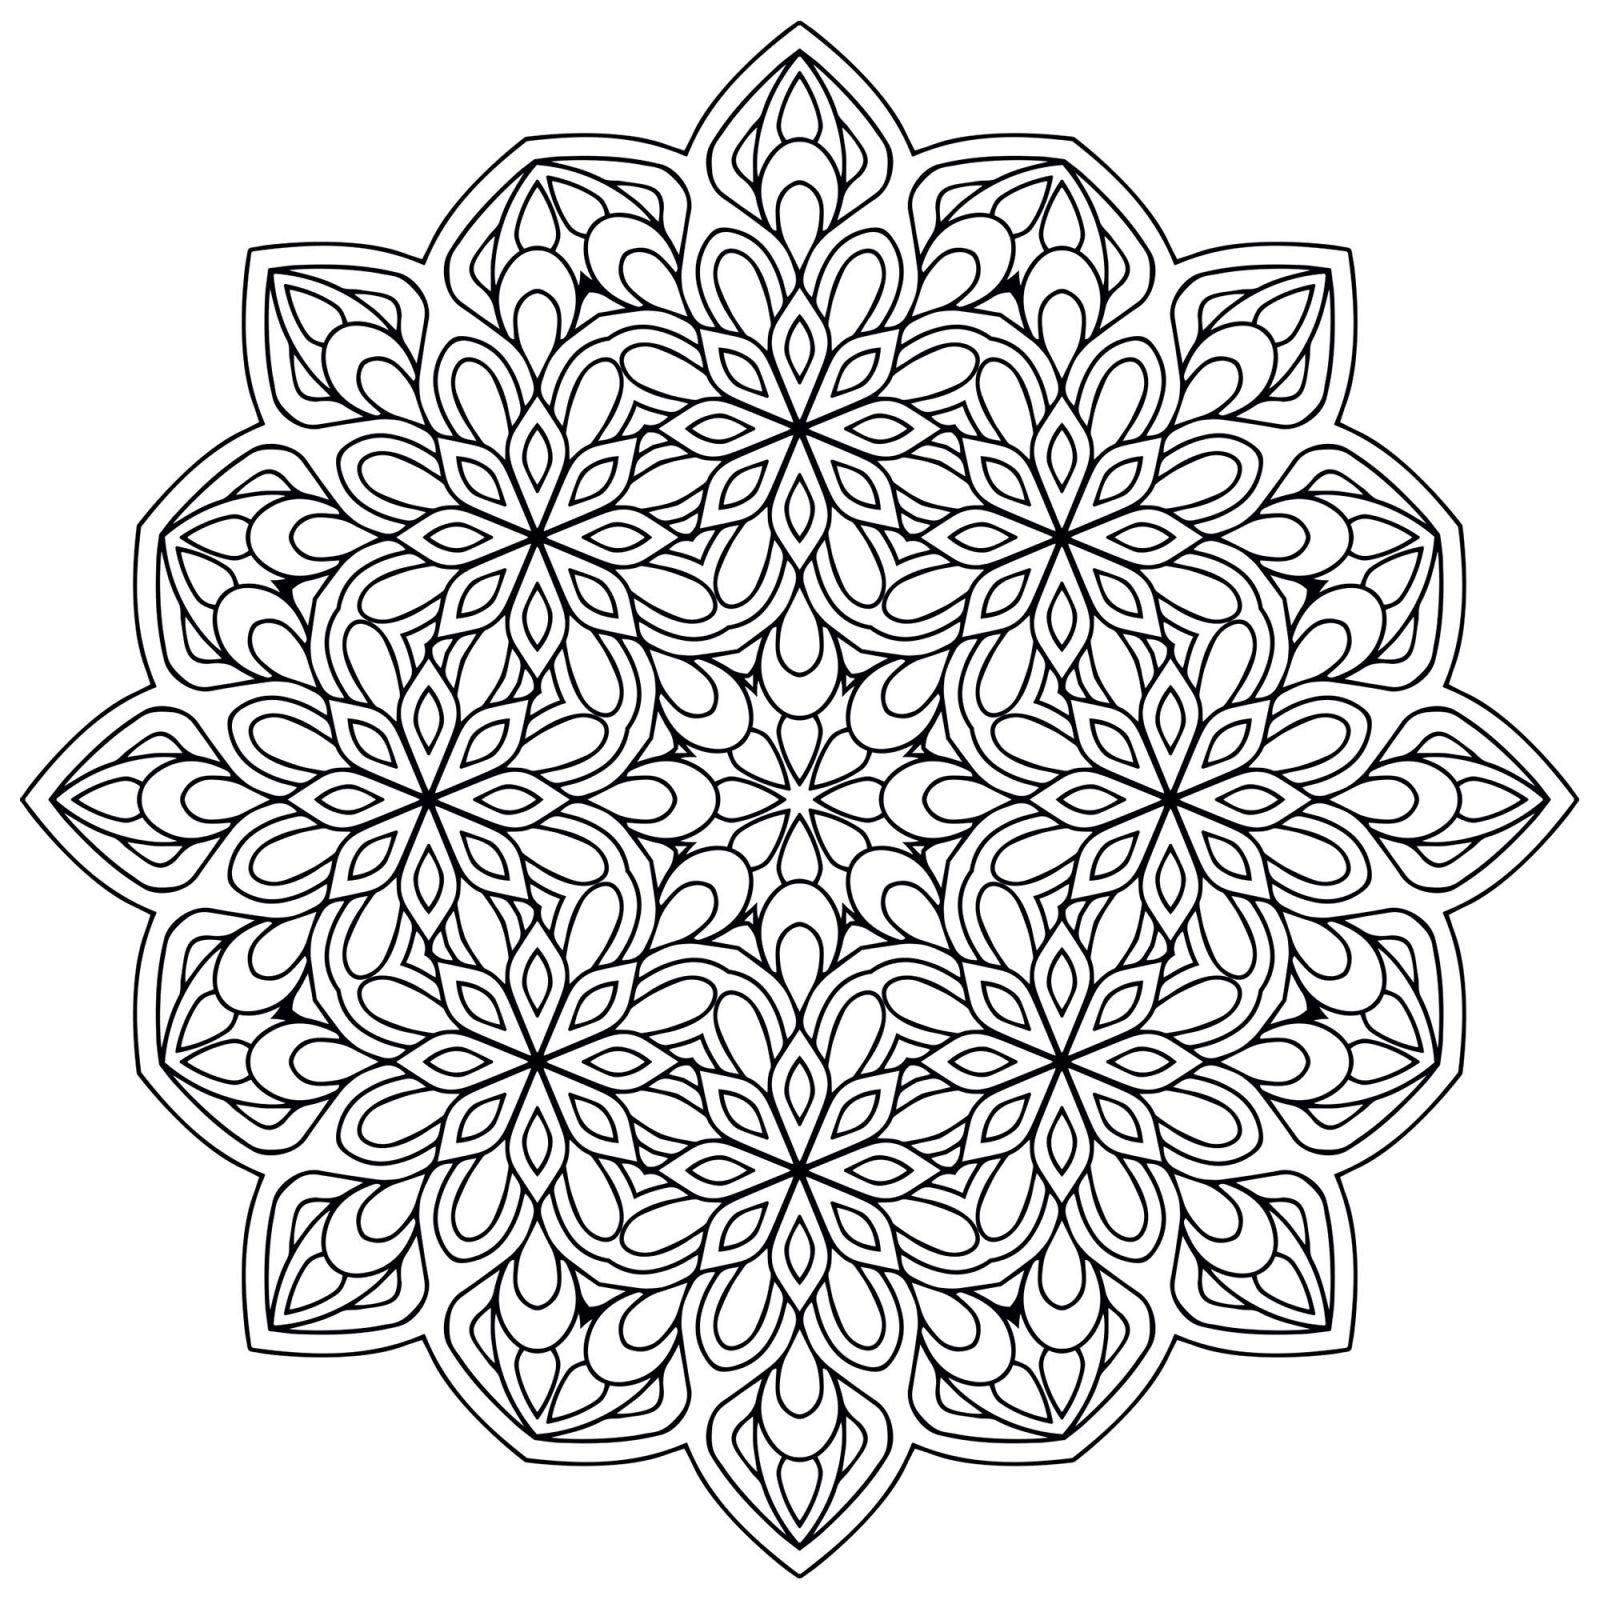 Coloriage Mandala Anti Stress | Coloriages À Imprimer Gratuits dedans Coloriage De Mandala Difficile A Imprimer